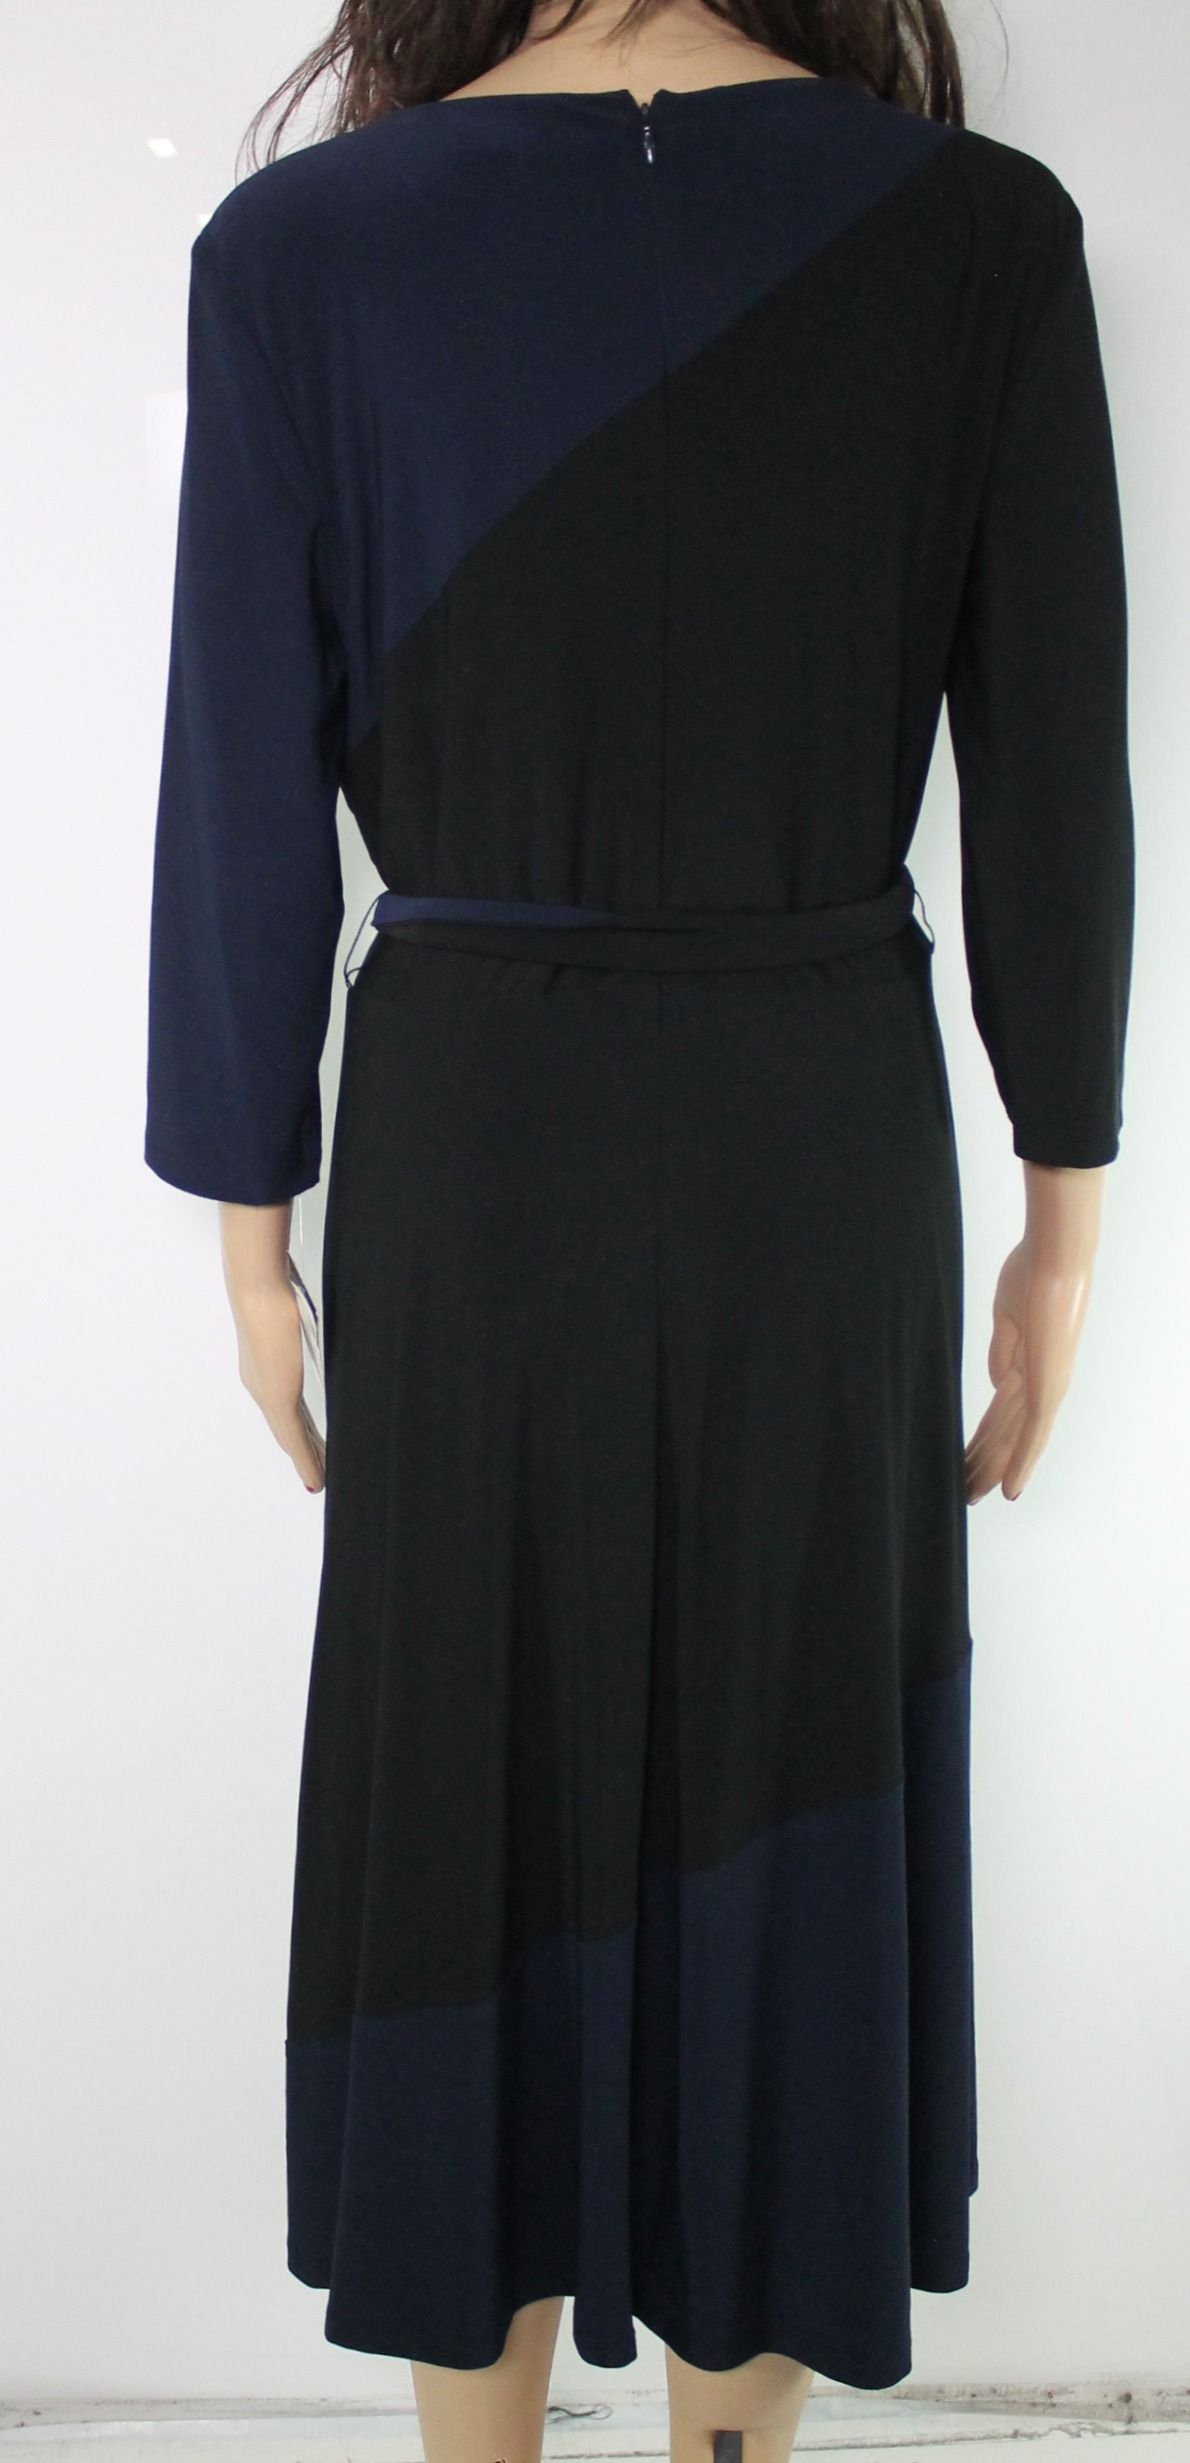 Lauren by Ralph Lauren Women's Dress Blue Size 12 A-Line Belted